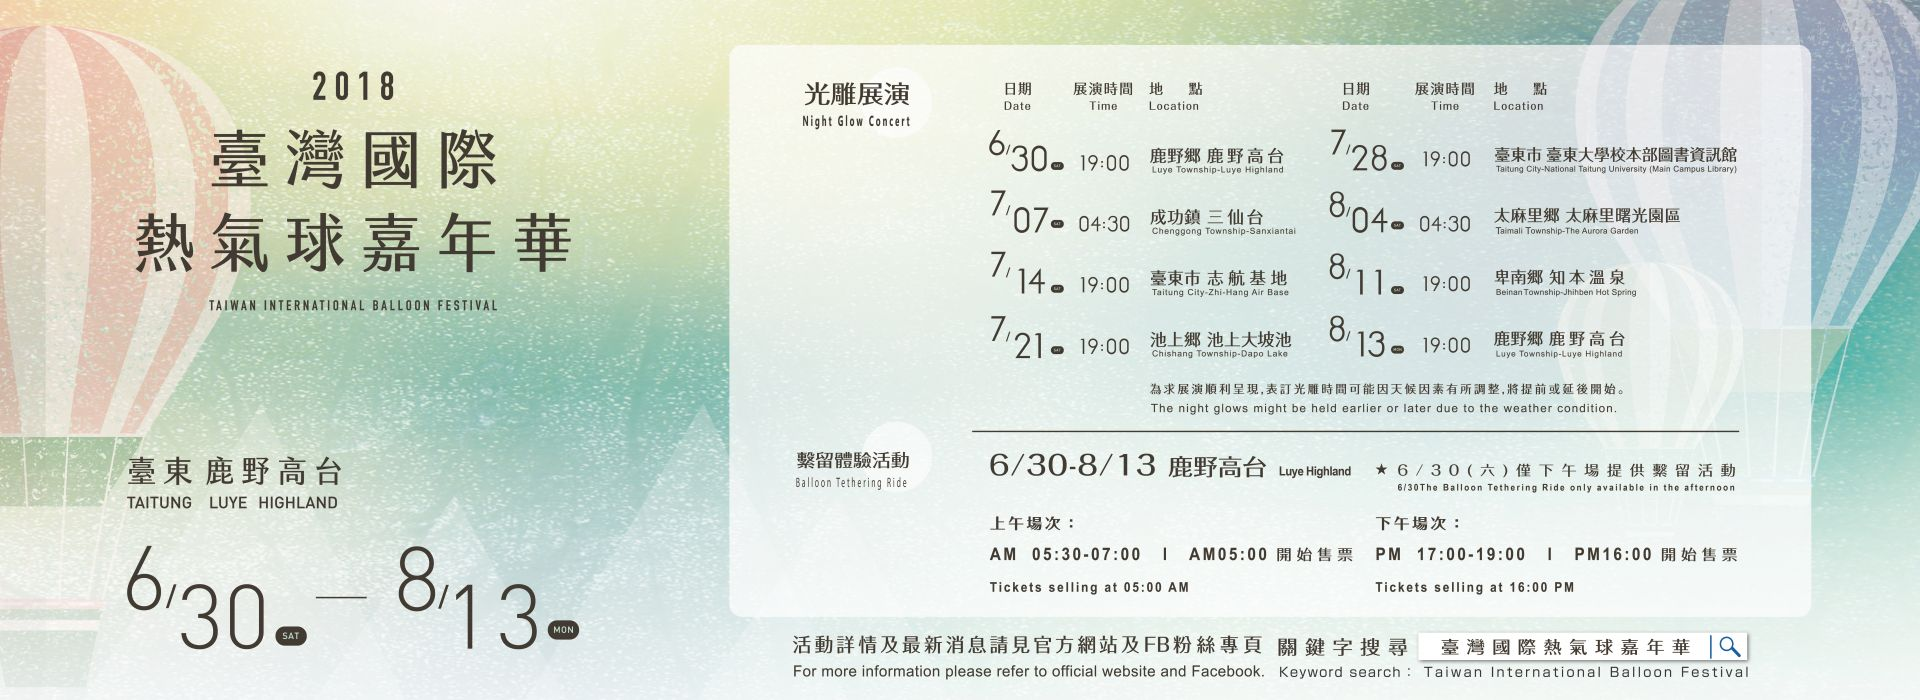 「2018臺灣國際熱氣球嘉年華」蓄勢待發的感動 等著你來感受